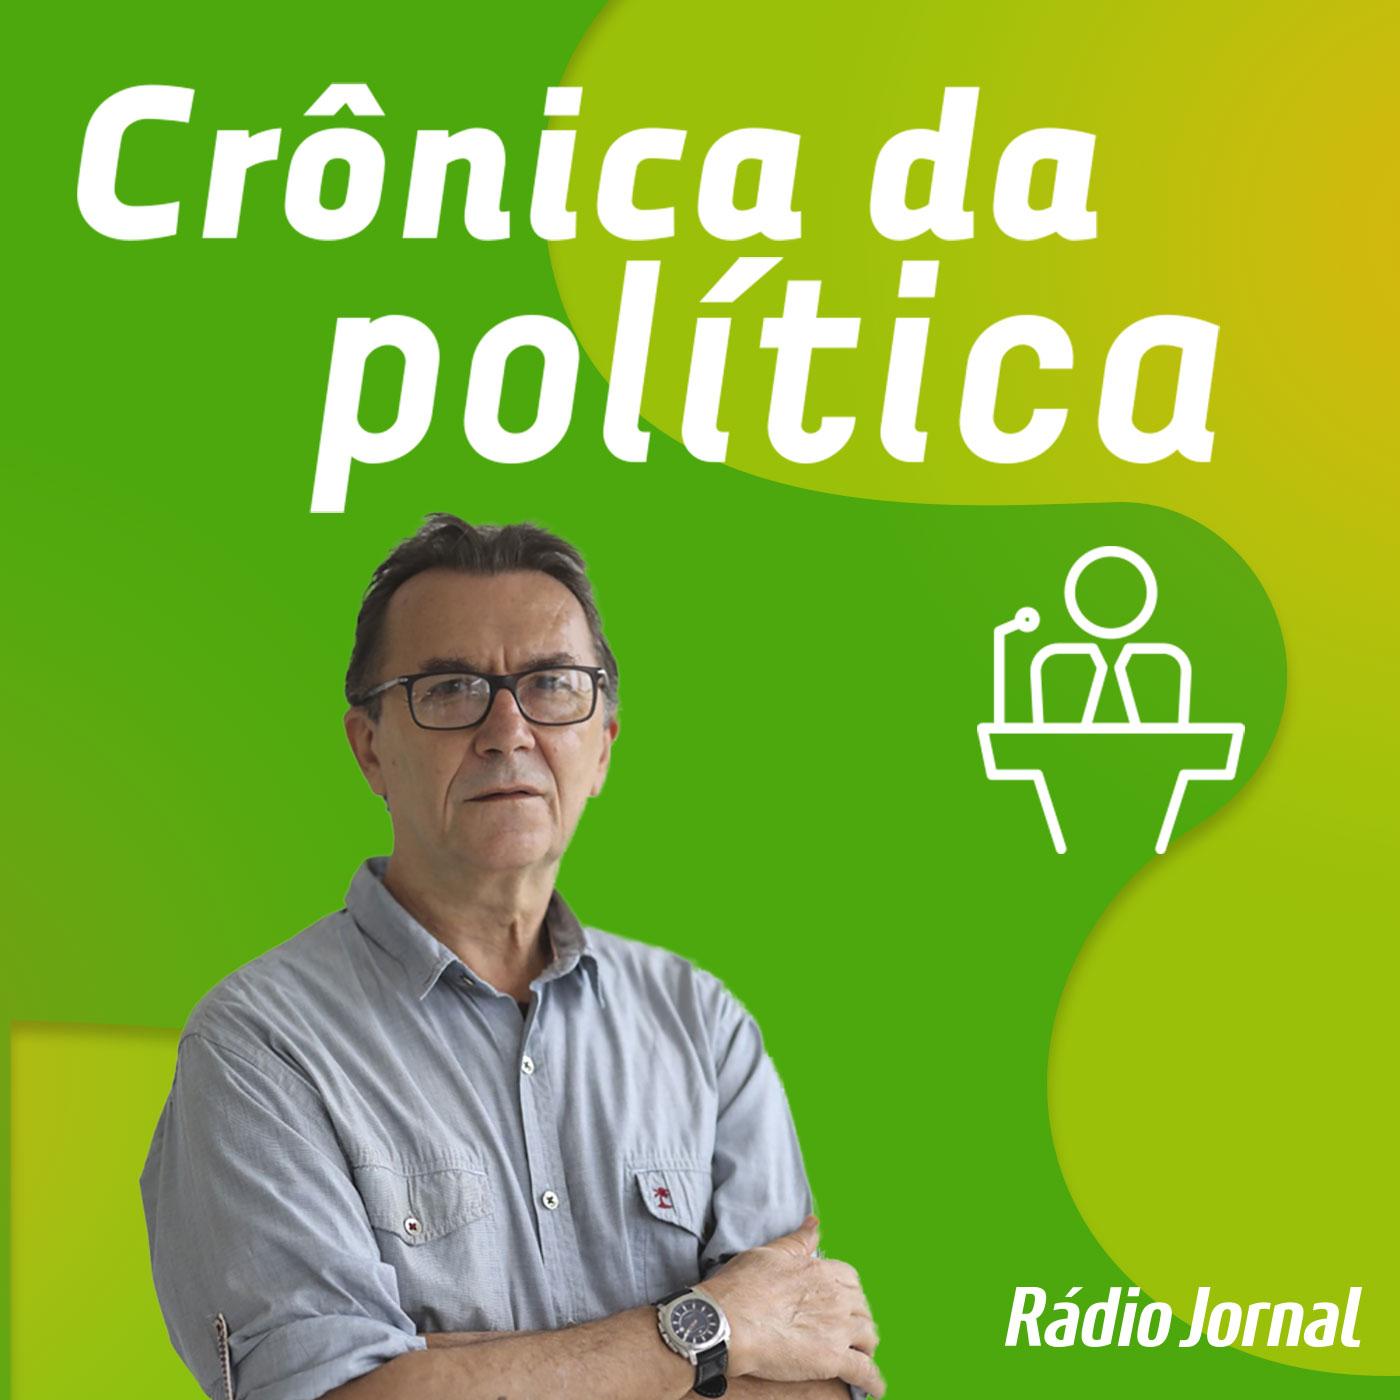 Crônica da Política: quase enterraram vivo um ministro do STF